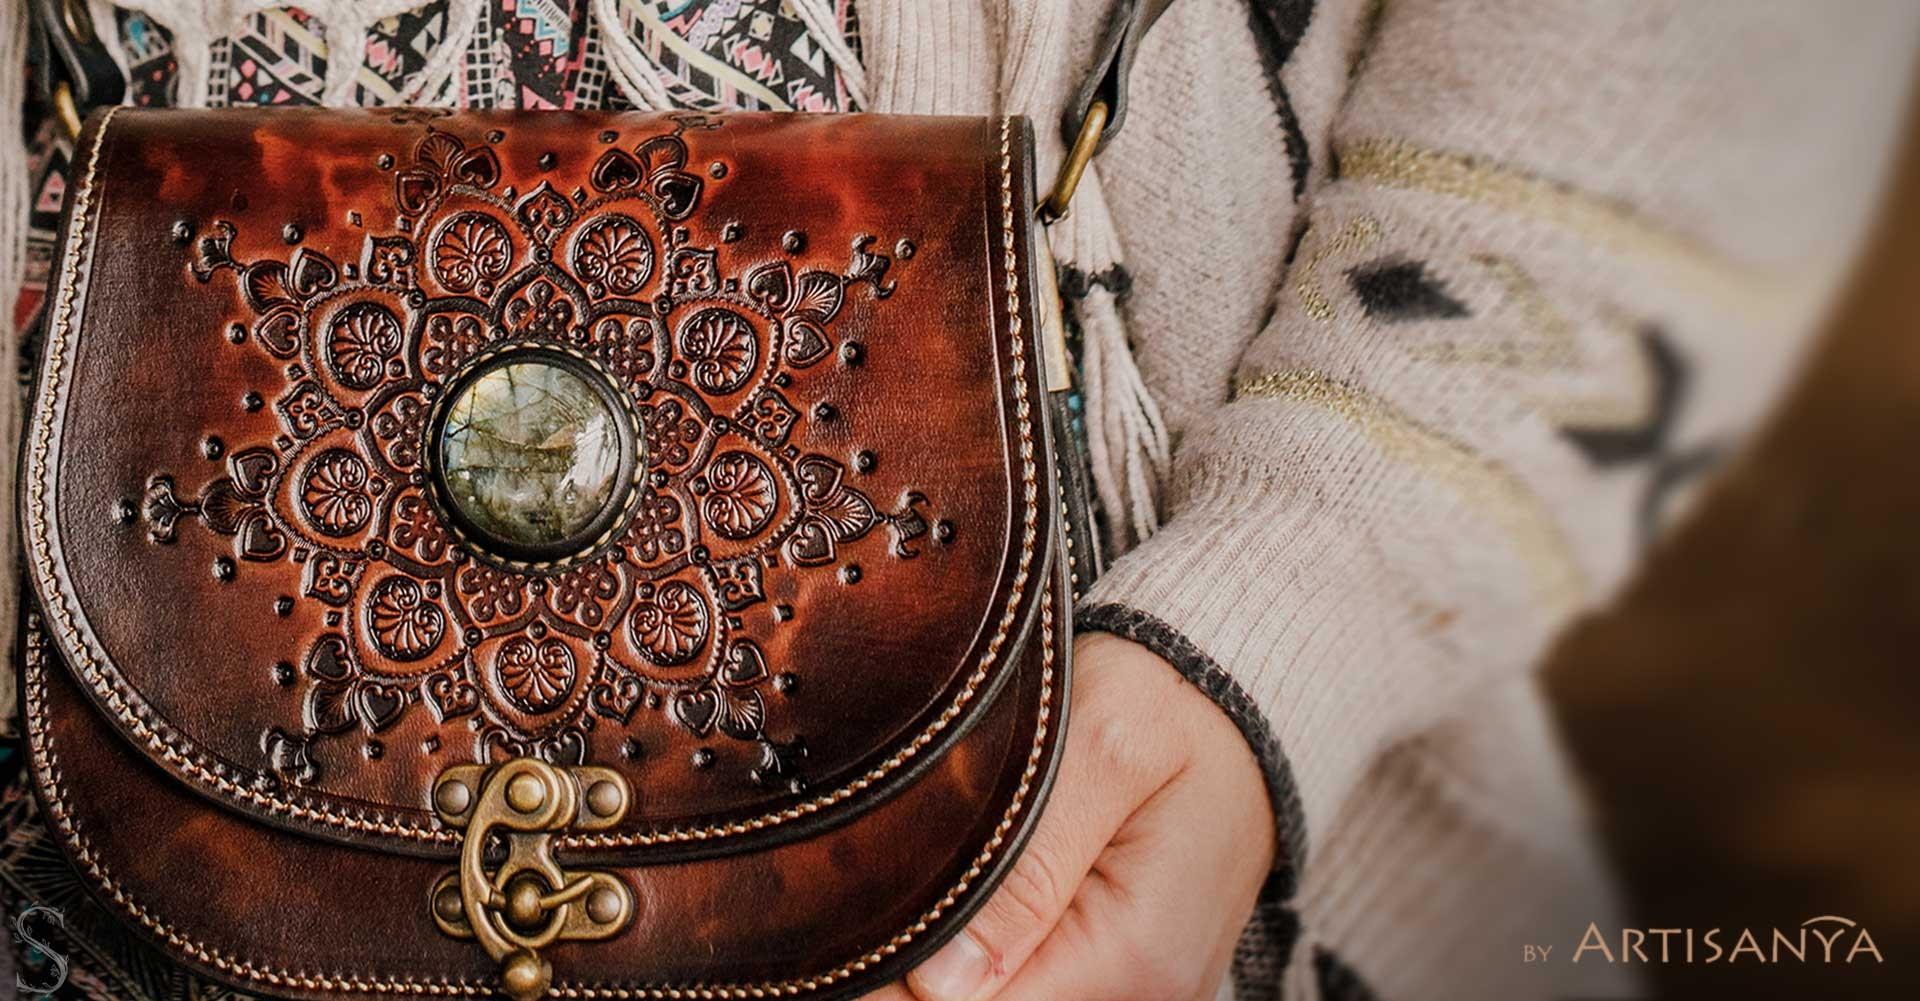 Our handbags